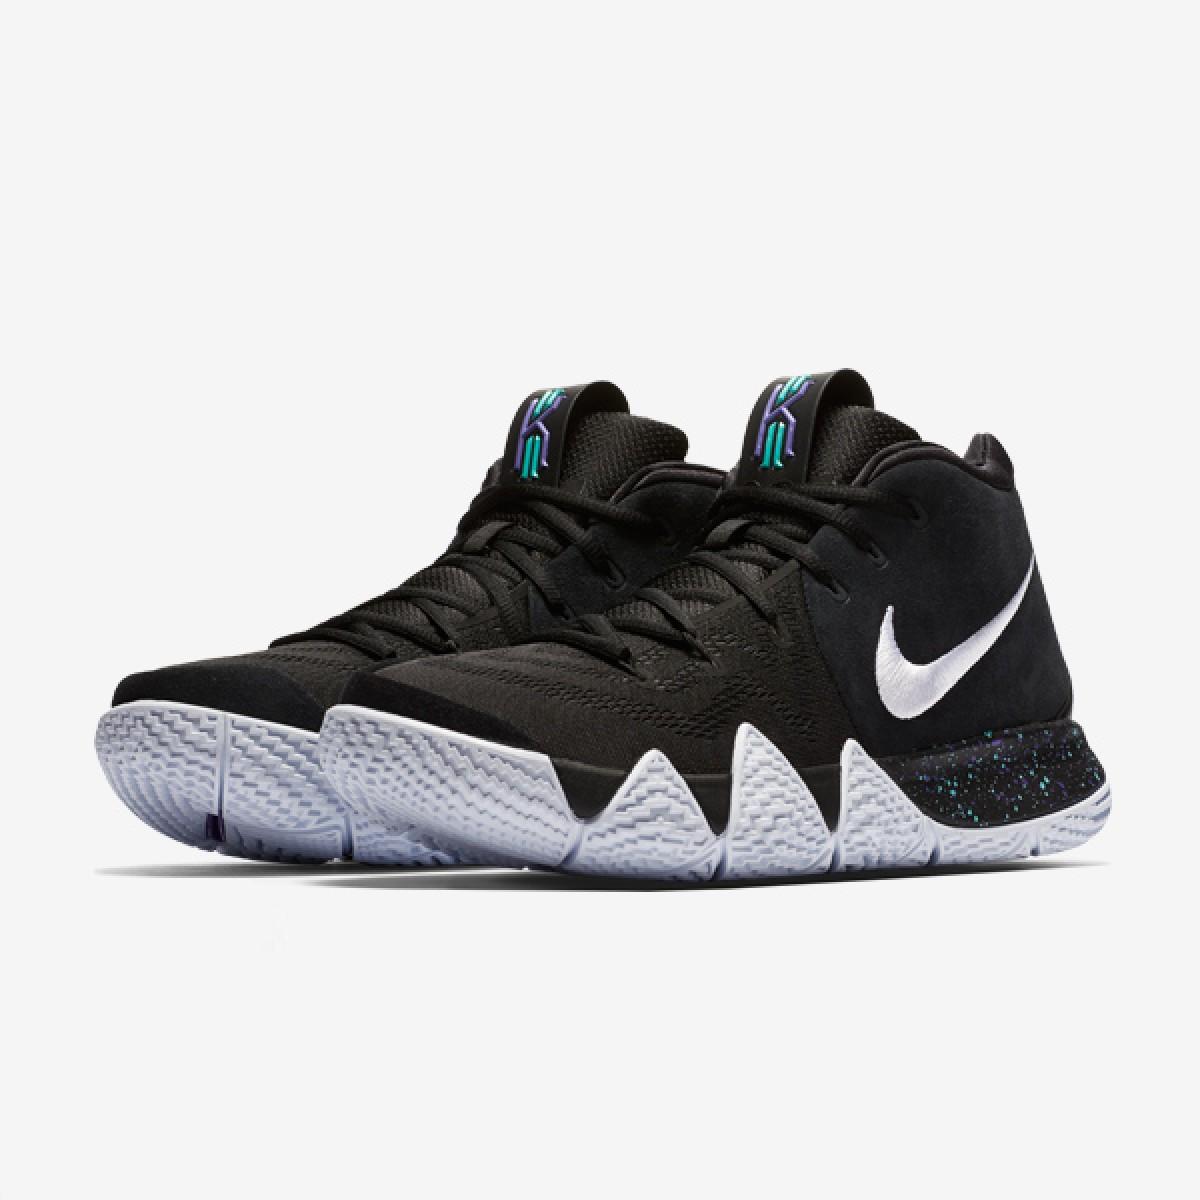 25a5b75967d Comprar Nike Kyrie 4  Black White  Zapatillas Baloncesto y mucho más